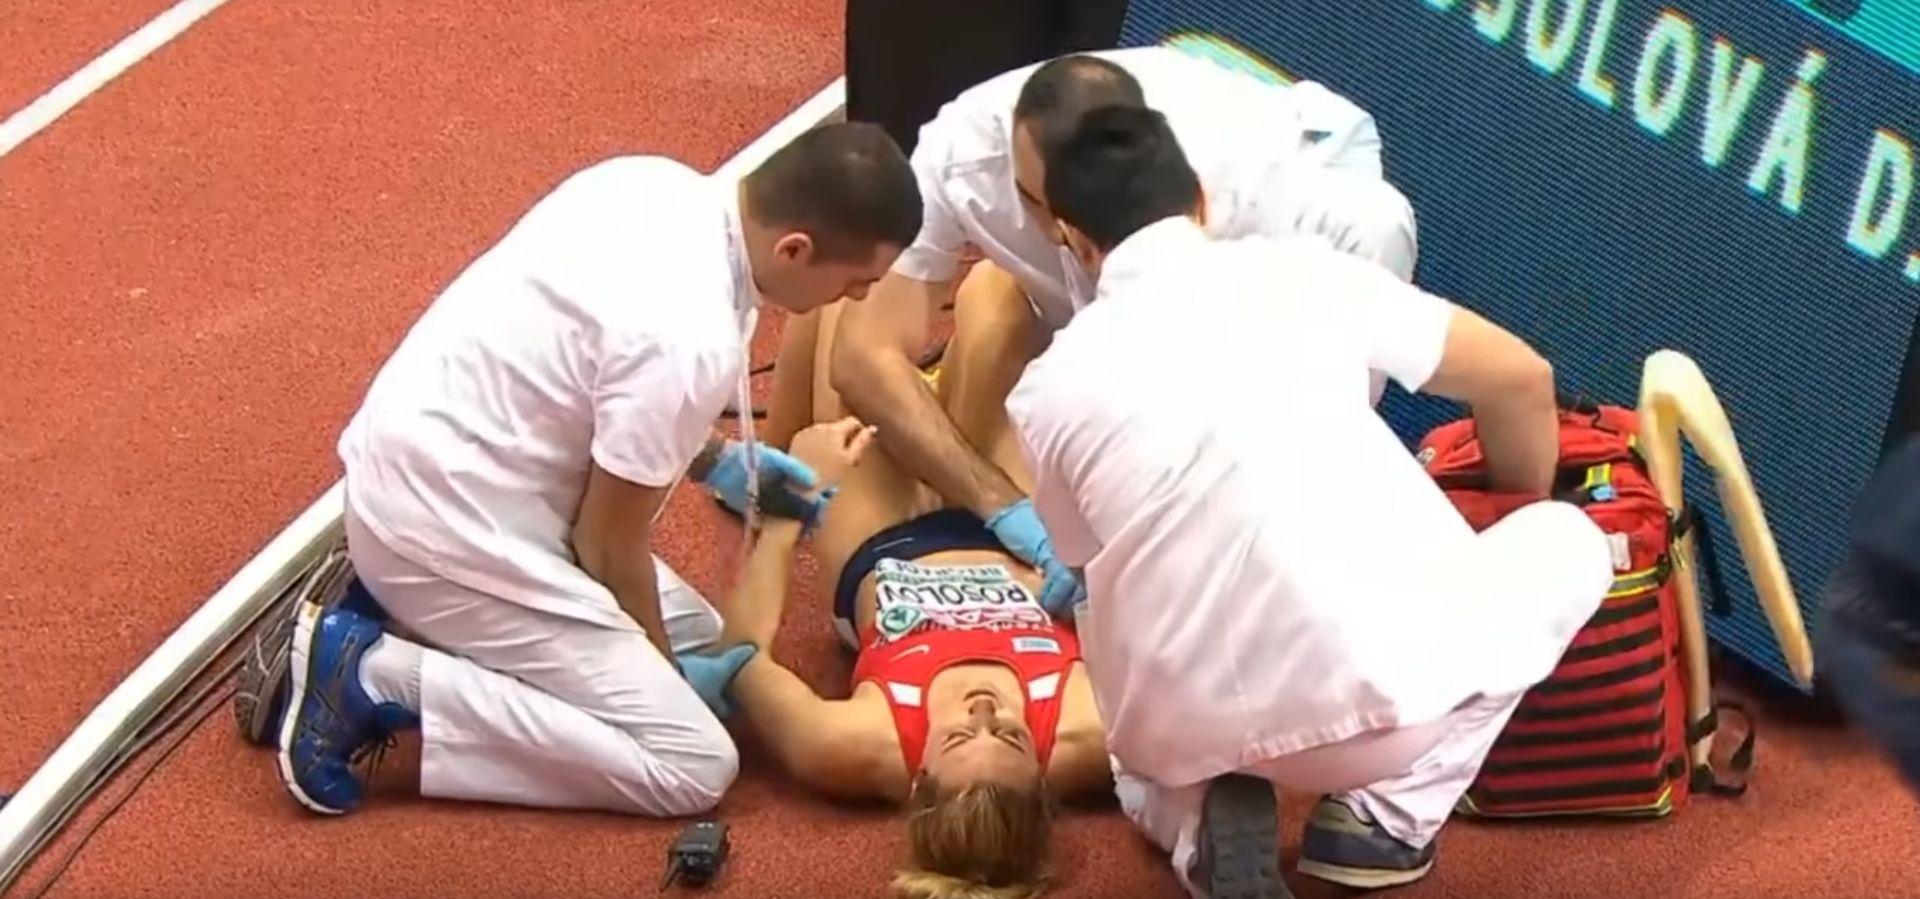 VIDEO: NEVJEROJATAN NESPORTSKI POTEZ Francuskinja smjestila bivšu prvakinju u bolnicu